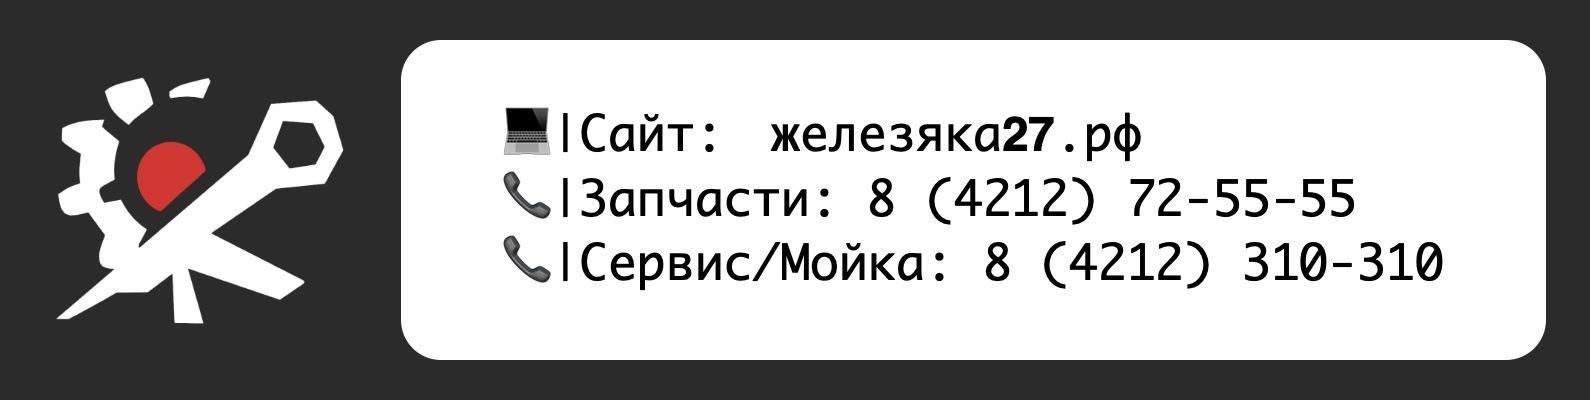 Железяка Хабаровск Интернет Магазин